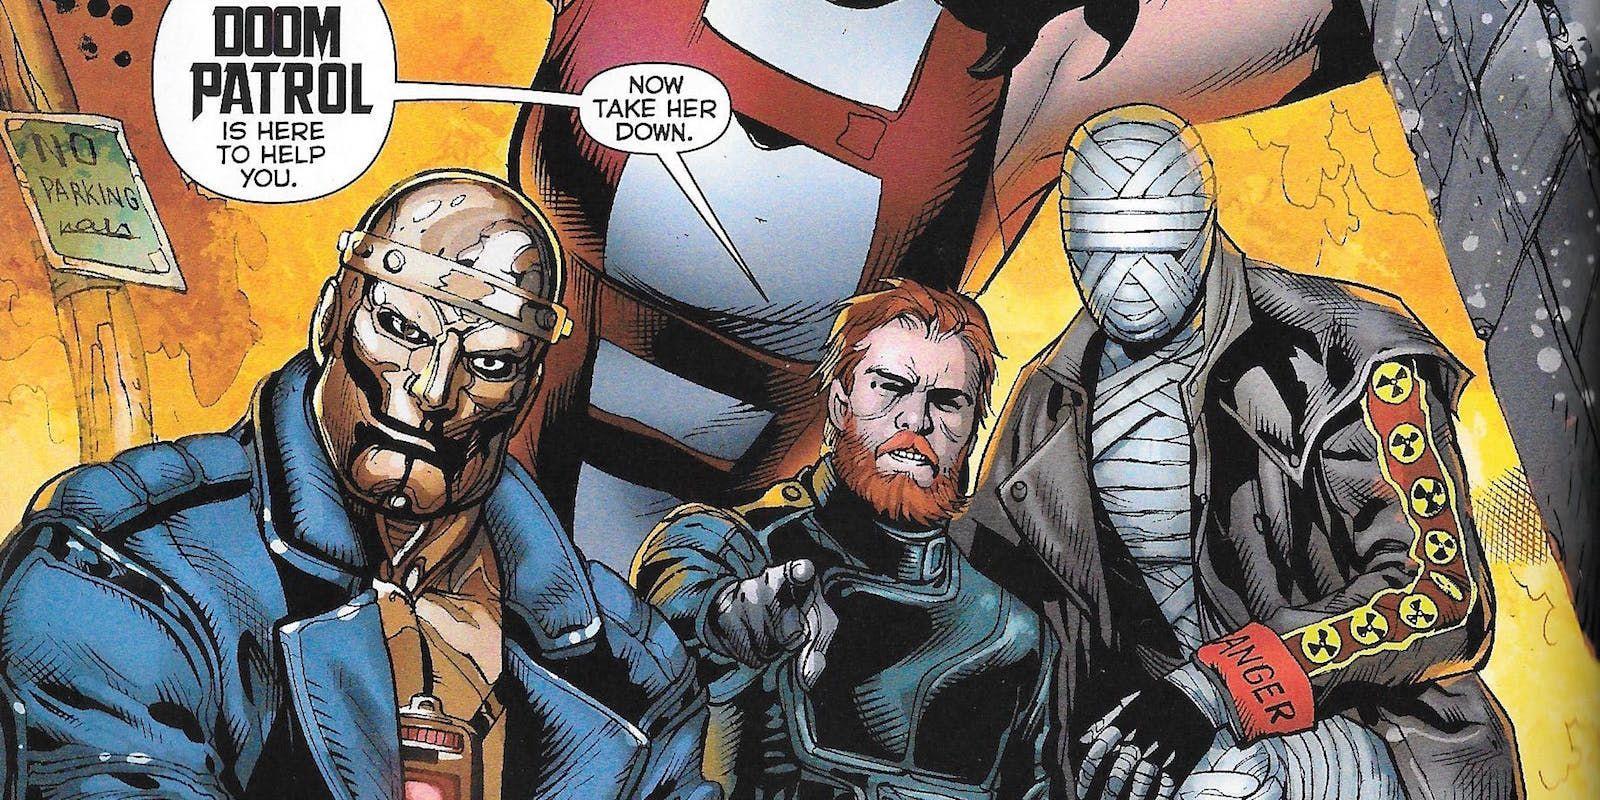 Doom Patrol Tv Show Casts Timothy Dalton As The Chief